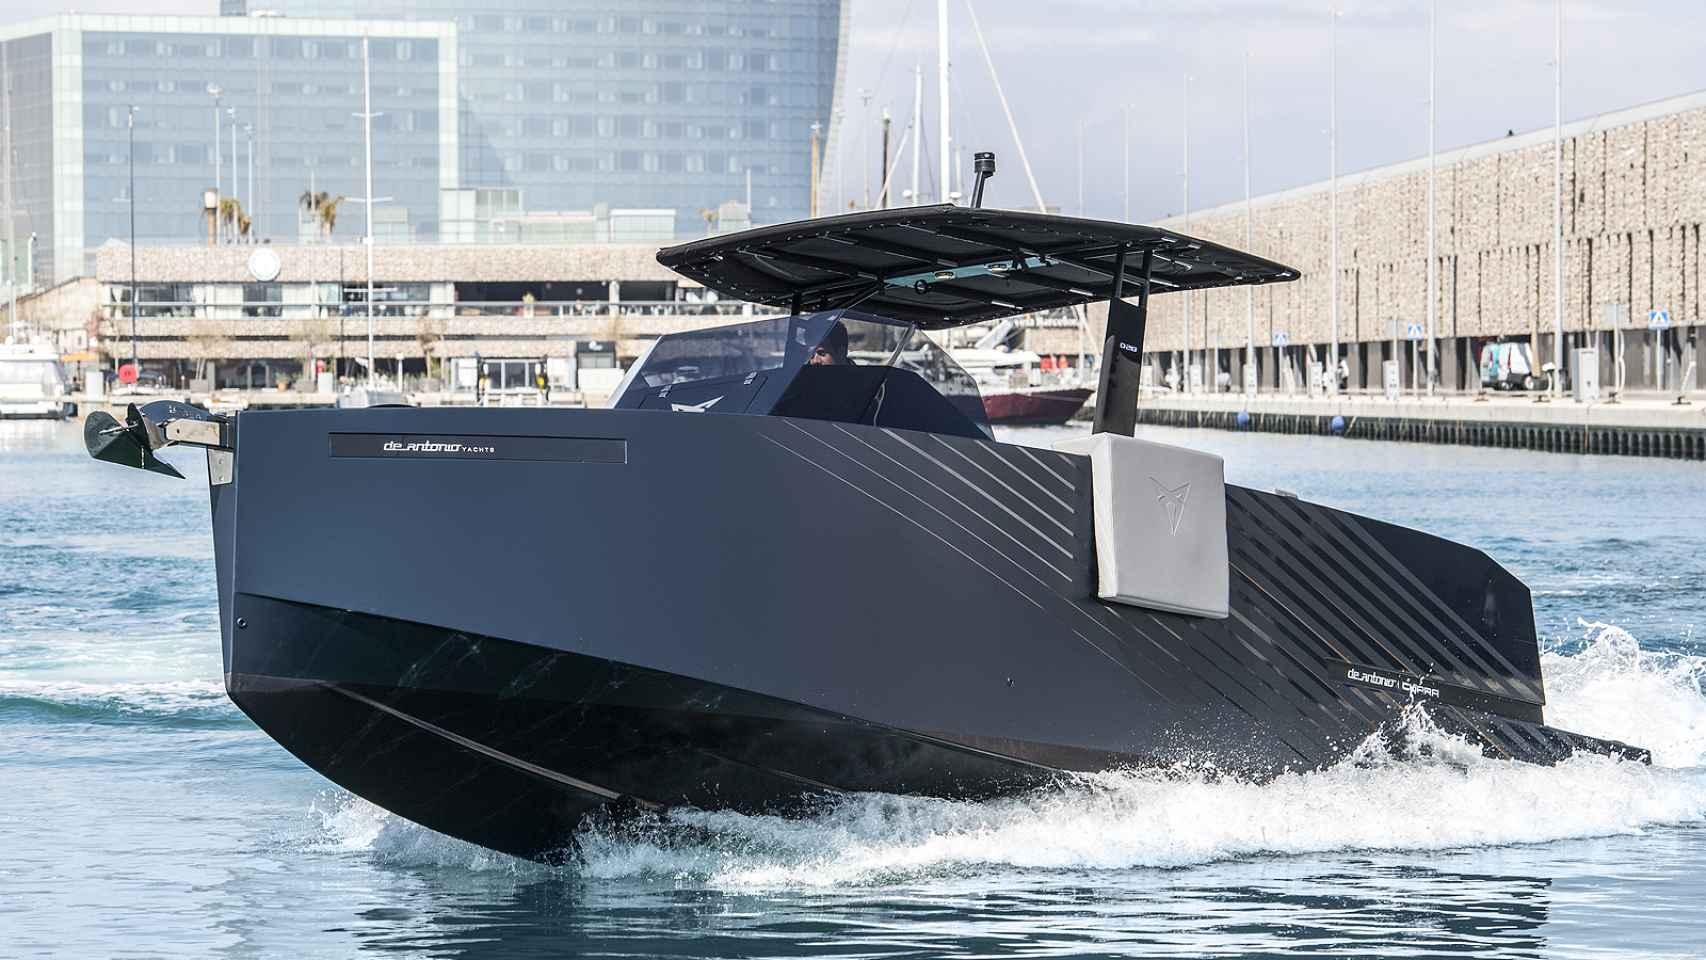 El primer barco de Seat; así es el yate deportivo de Cupra con 400 CV de potencia